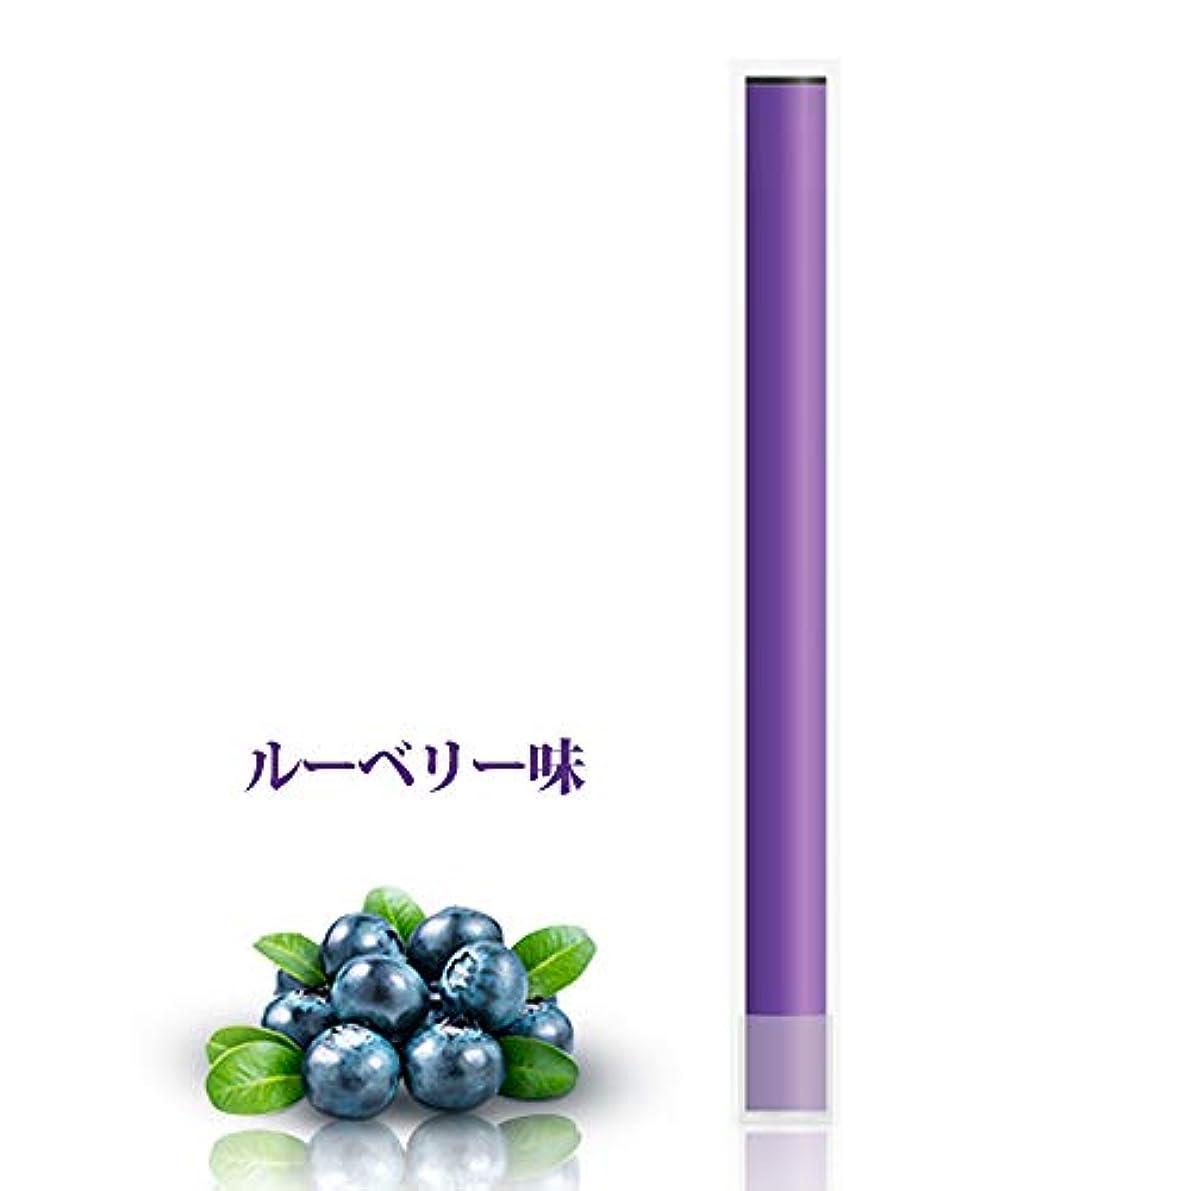 胚忠実世辞電子タバコ 電子たばこ ワンタイム 電子タバコ 禁煙補助に最適 使い捨て 大容量 吸引回数 約500口/本 ルーベリー風味